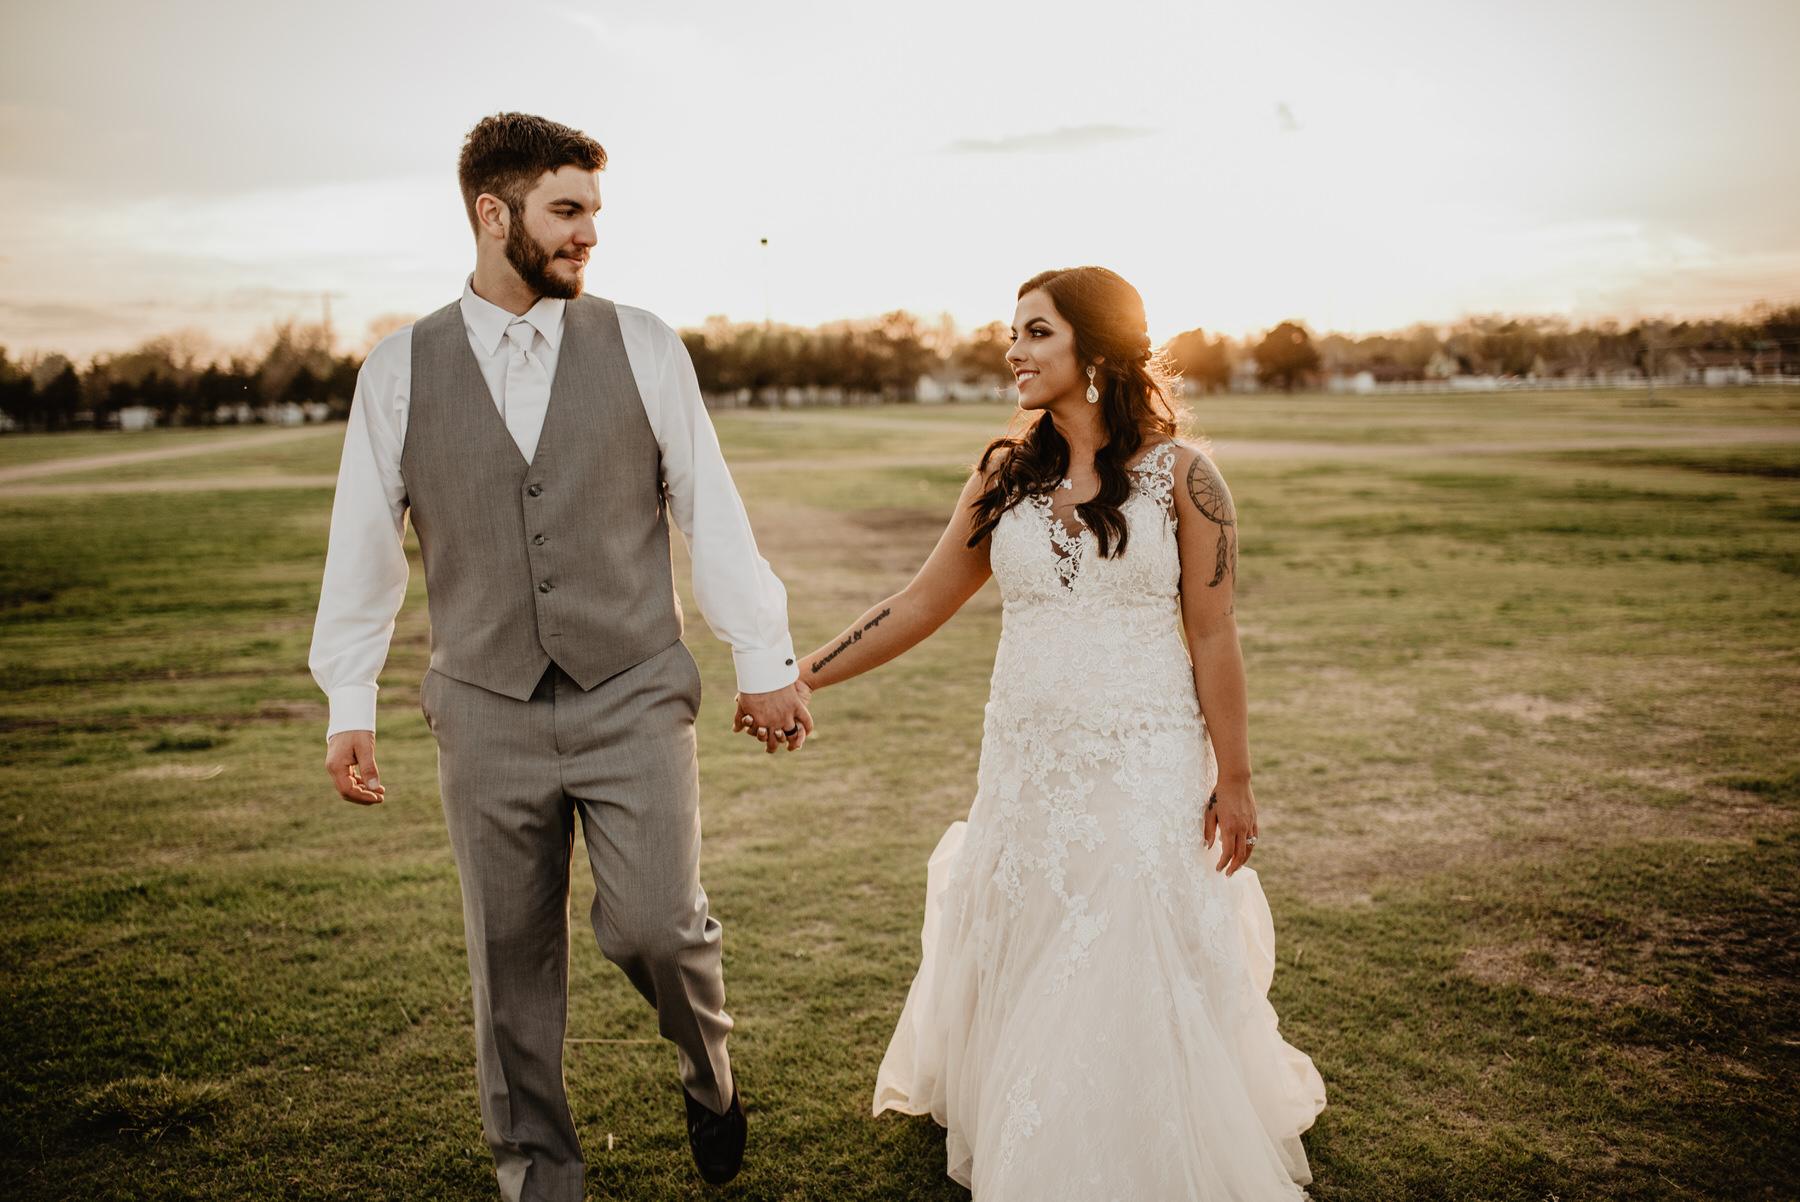 Kaylie-Sirek-Photography-Kearney-Nebraska-Wedding-096.jpg